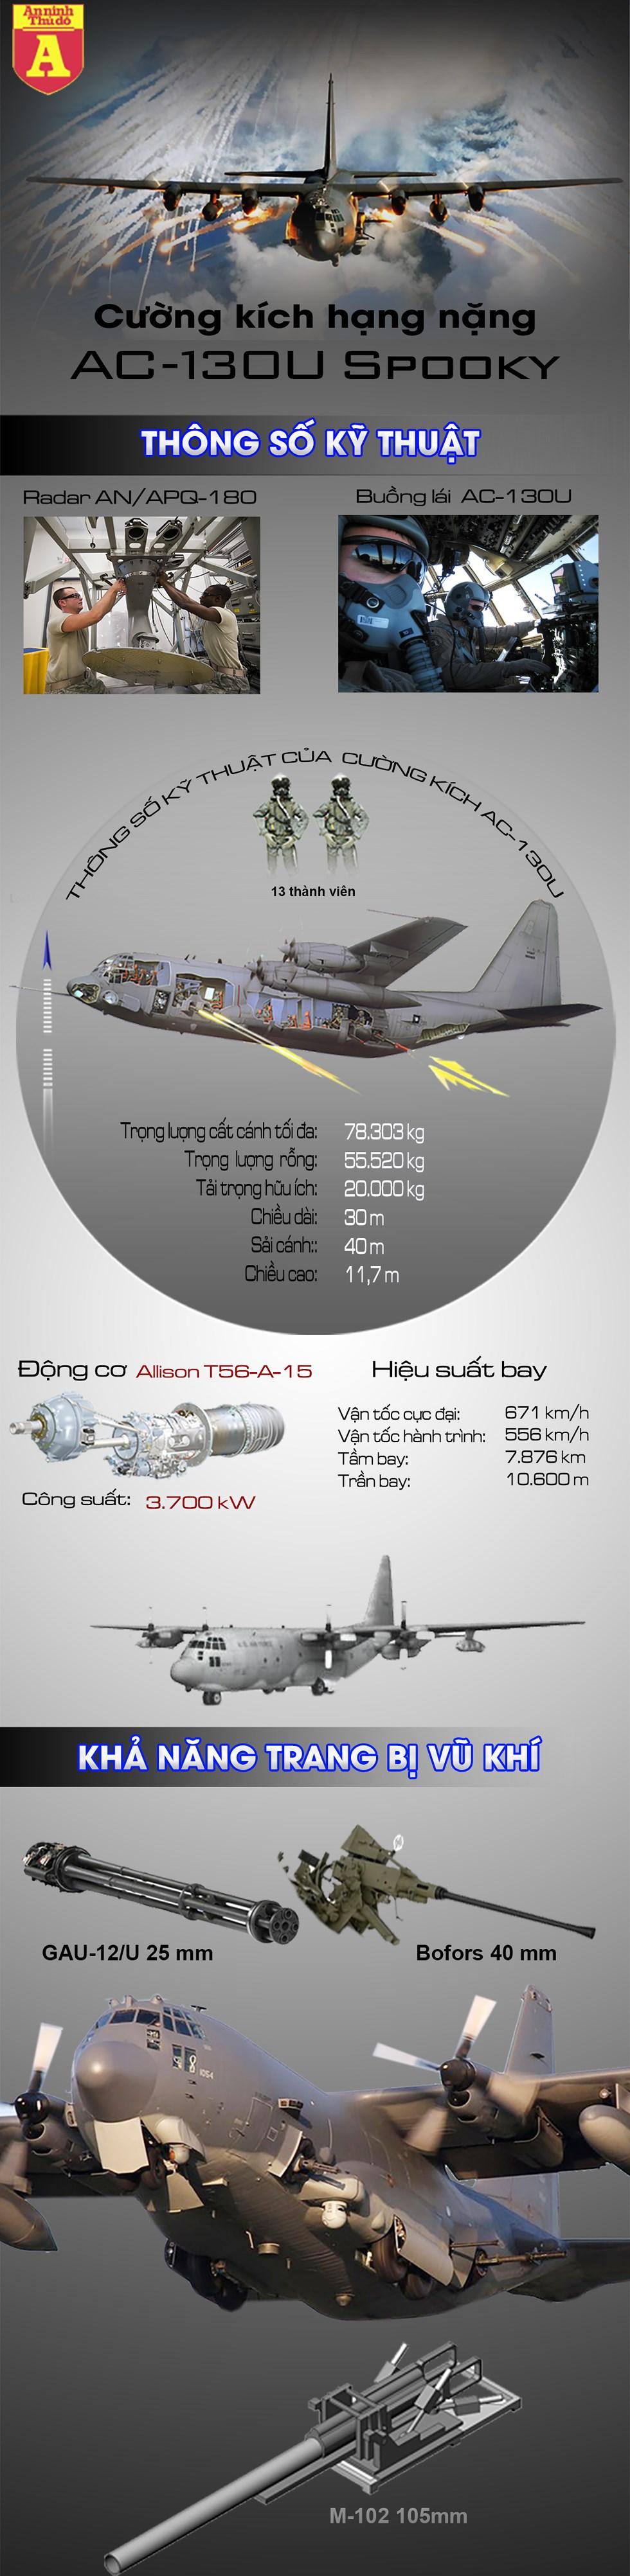 """[Infographics] Mỹ bất ngờ cho """"hung thần bầu trời"""" AC-130U Spooky nghỉ hưu sớm - Ảnh 1"""